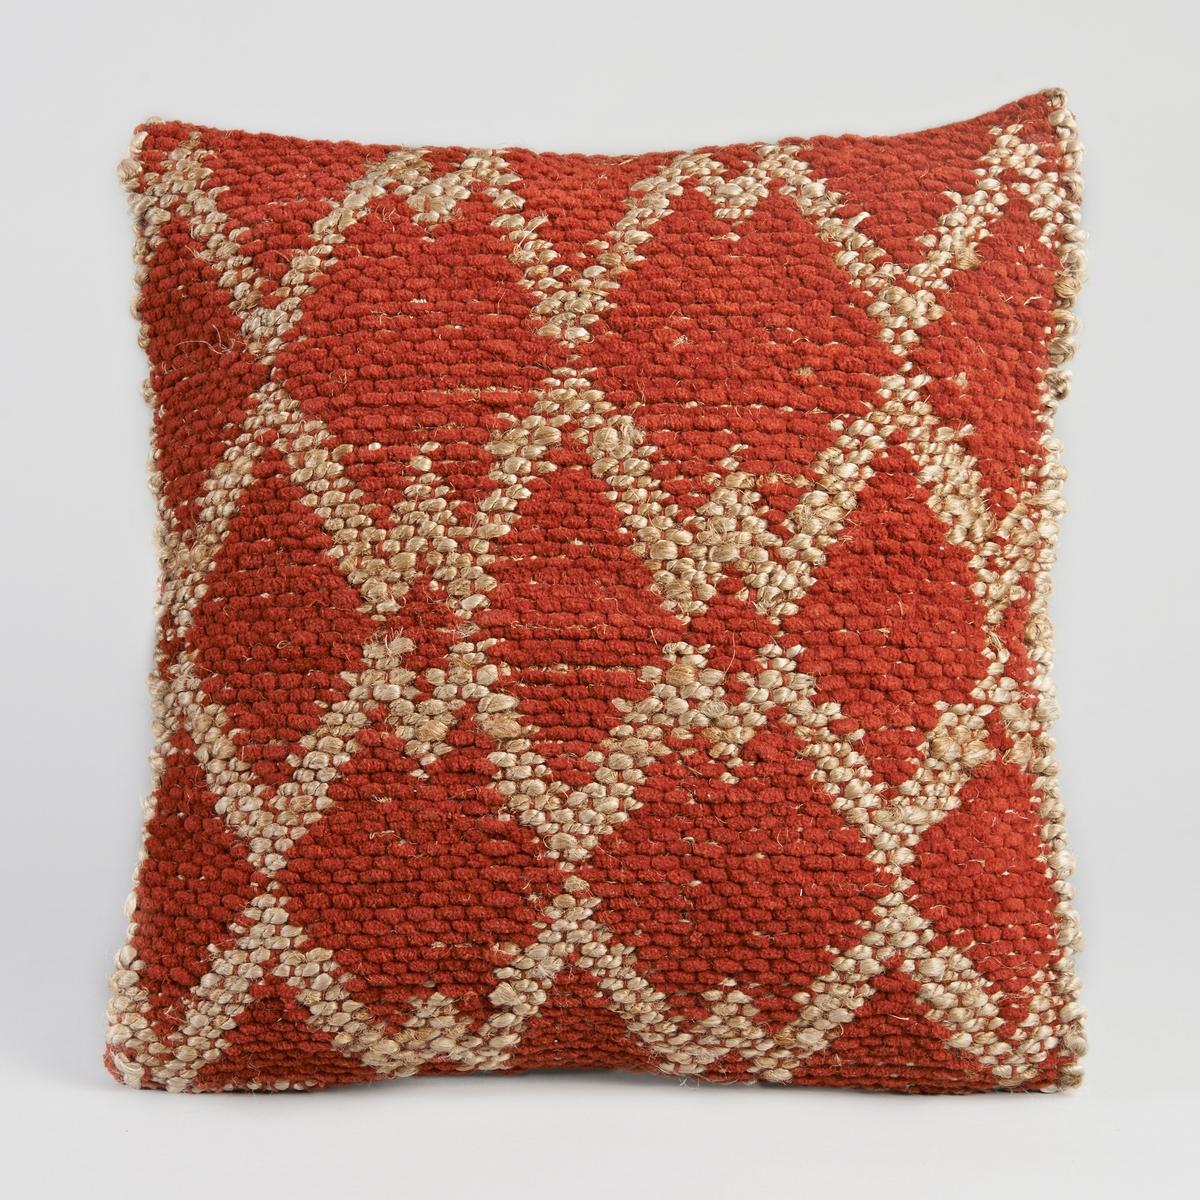 Чехол для подушки MaporeЧехол для подушки с этническими рисунками.  Застежка на молнию.Материал :- Лицевая сторона из джута, оборотная сторона из 100% хлопка.  Размер :- 50 x 50 см.<br><br>Цвет: красно-коричневый